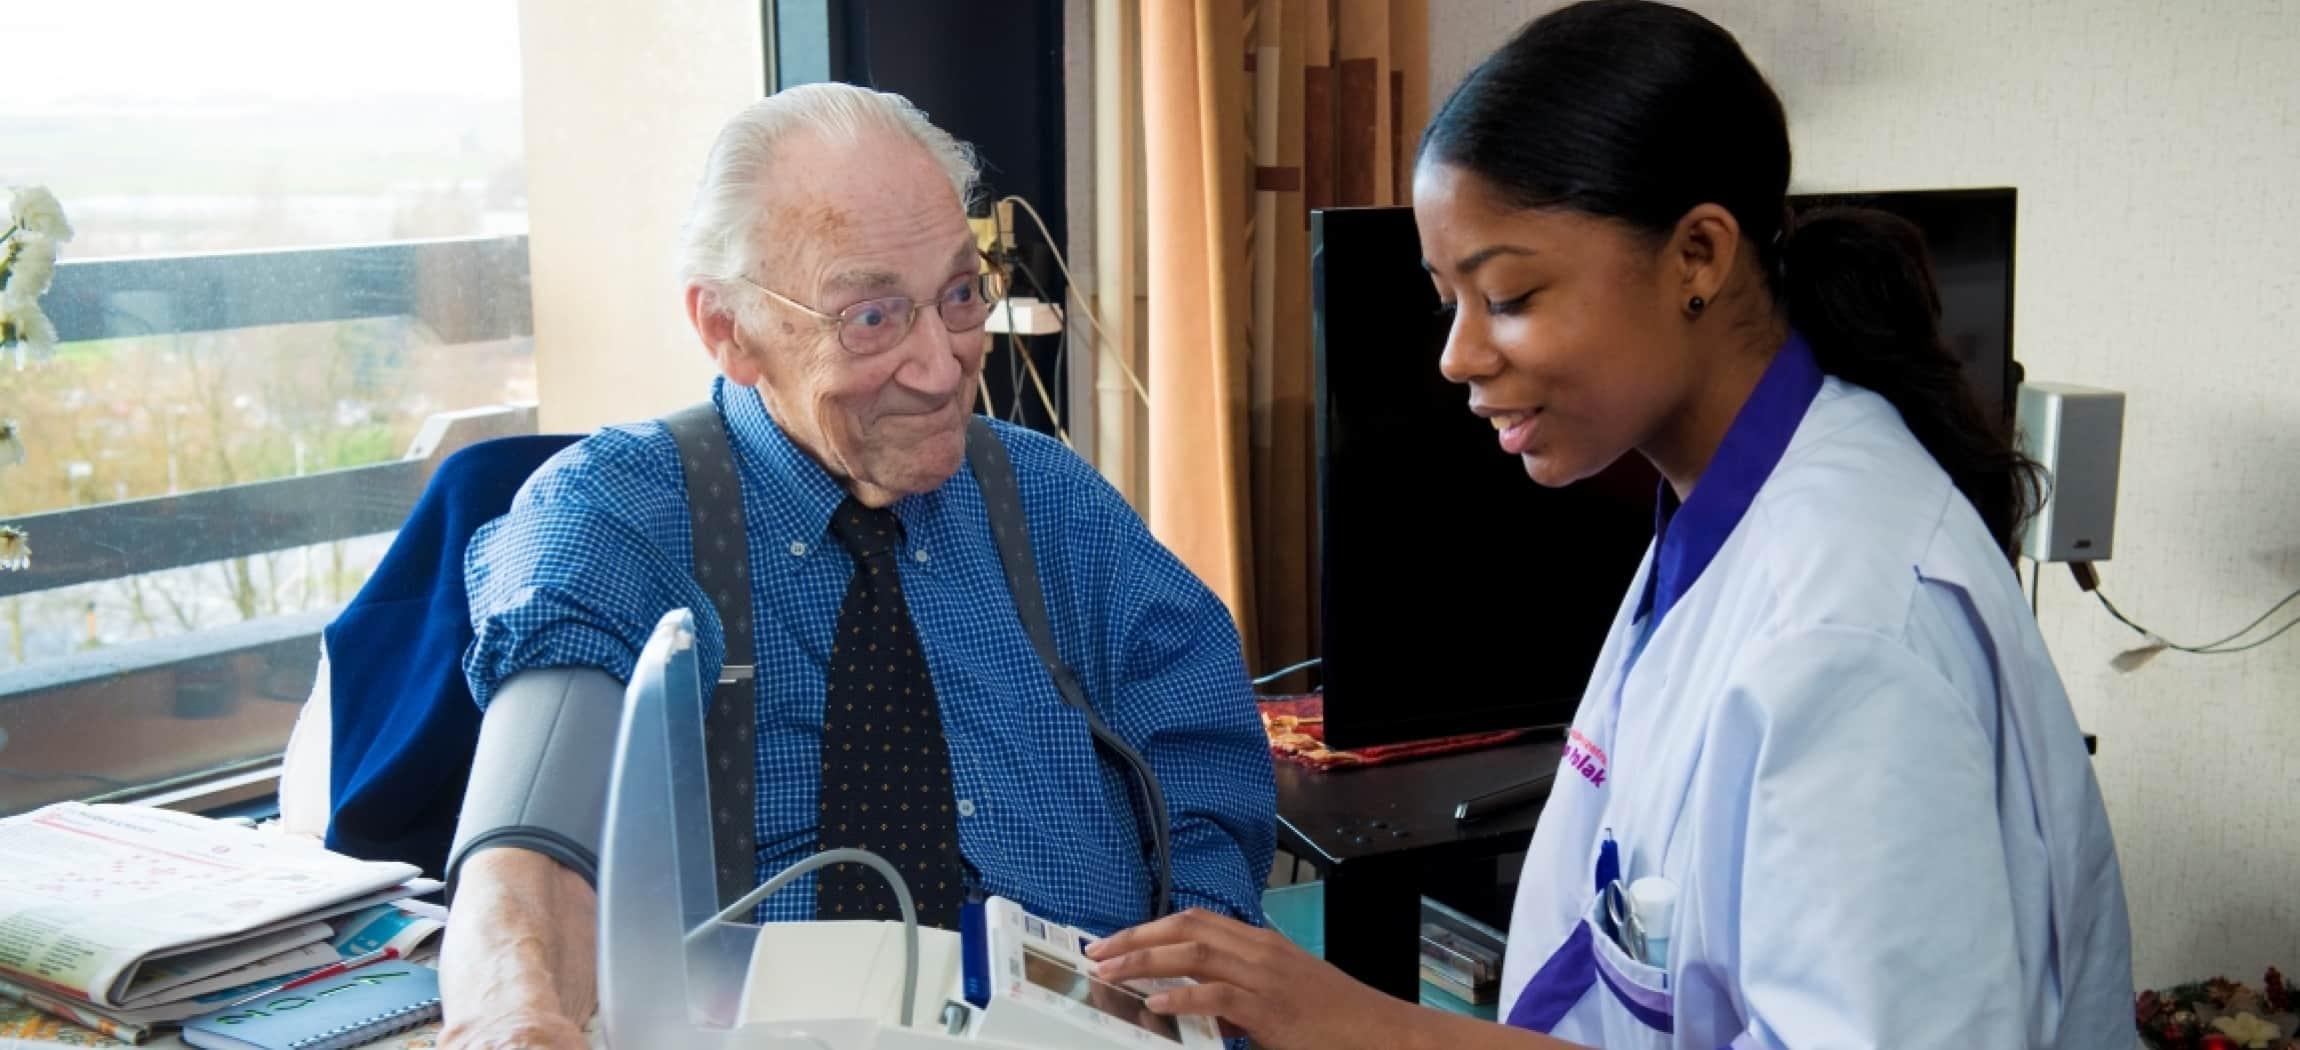 Verpleegkundige met getinte huidskleur neemt de bloeddruk op bij bejaarde man in overhemd en stropdas